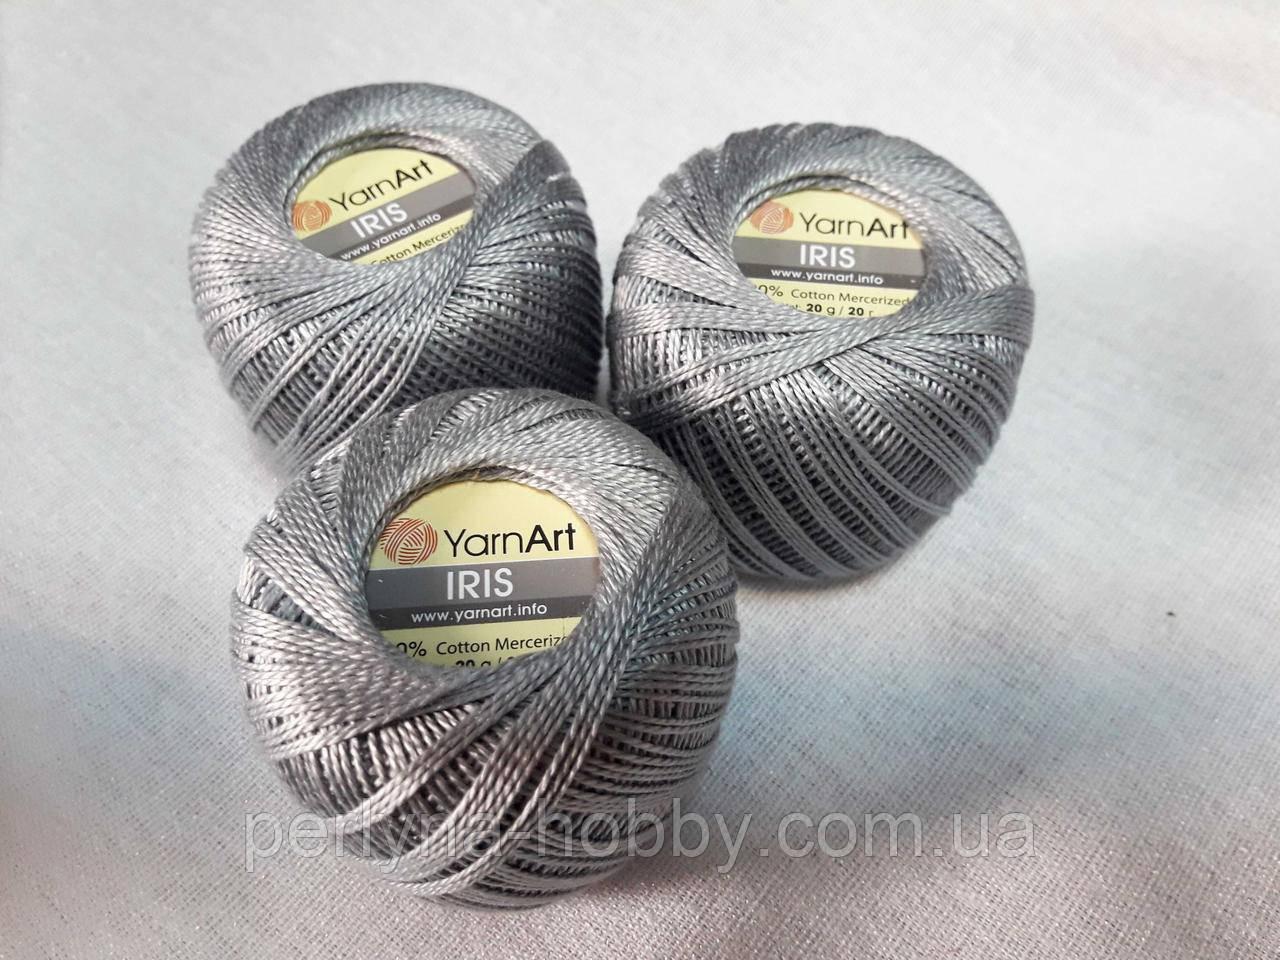 Нитки  для в'язання та гачкуння Ірис Пряжа Iris YarnArt 100% бавовна, сталевий сірий, 1 шт. № 0933